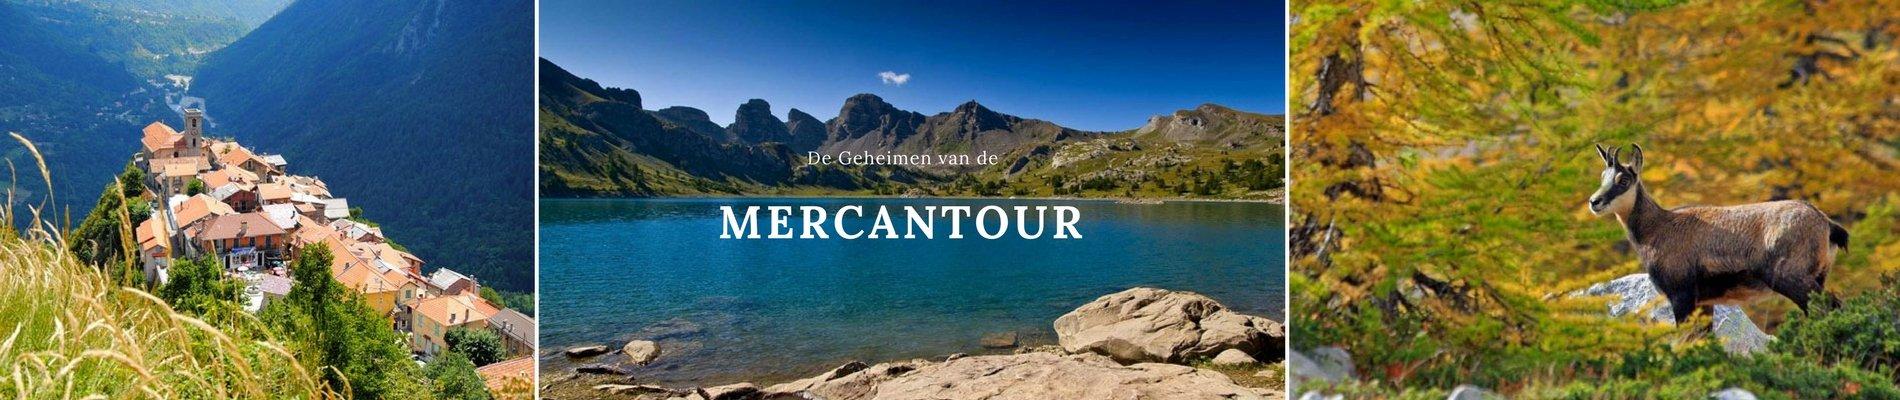 De Geheimen van de Mercantour